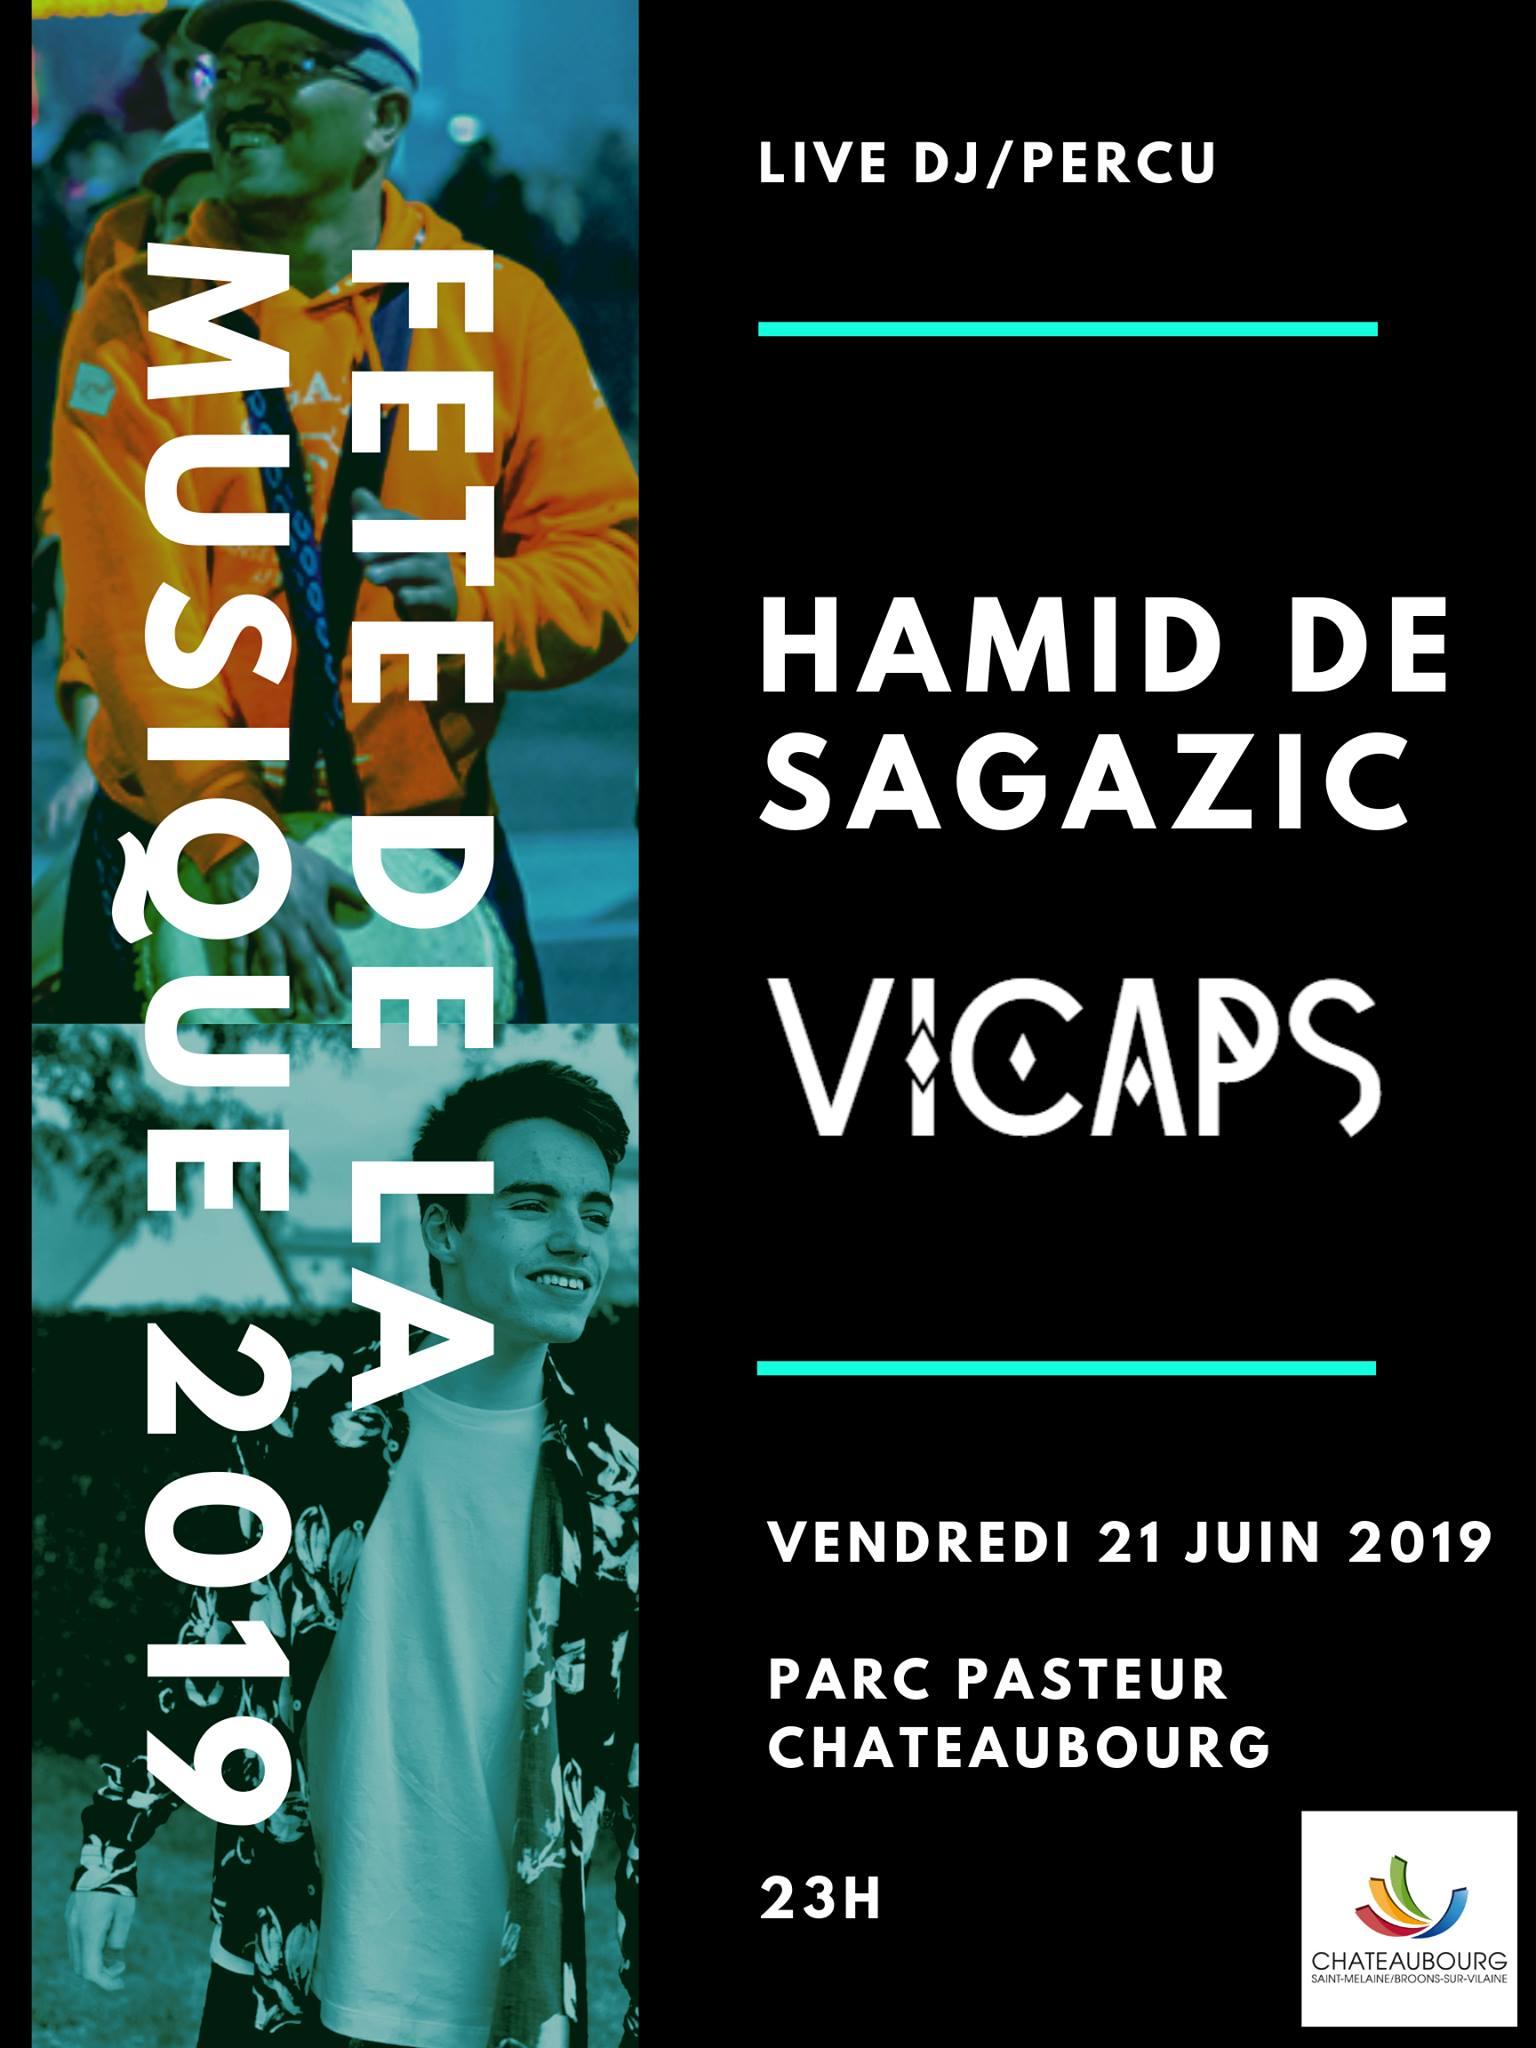 Affiche concert Dj Vicaps x Hamid